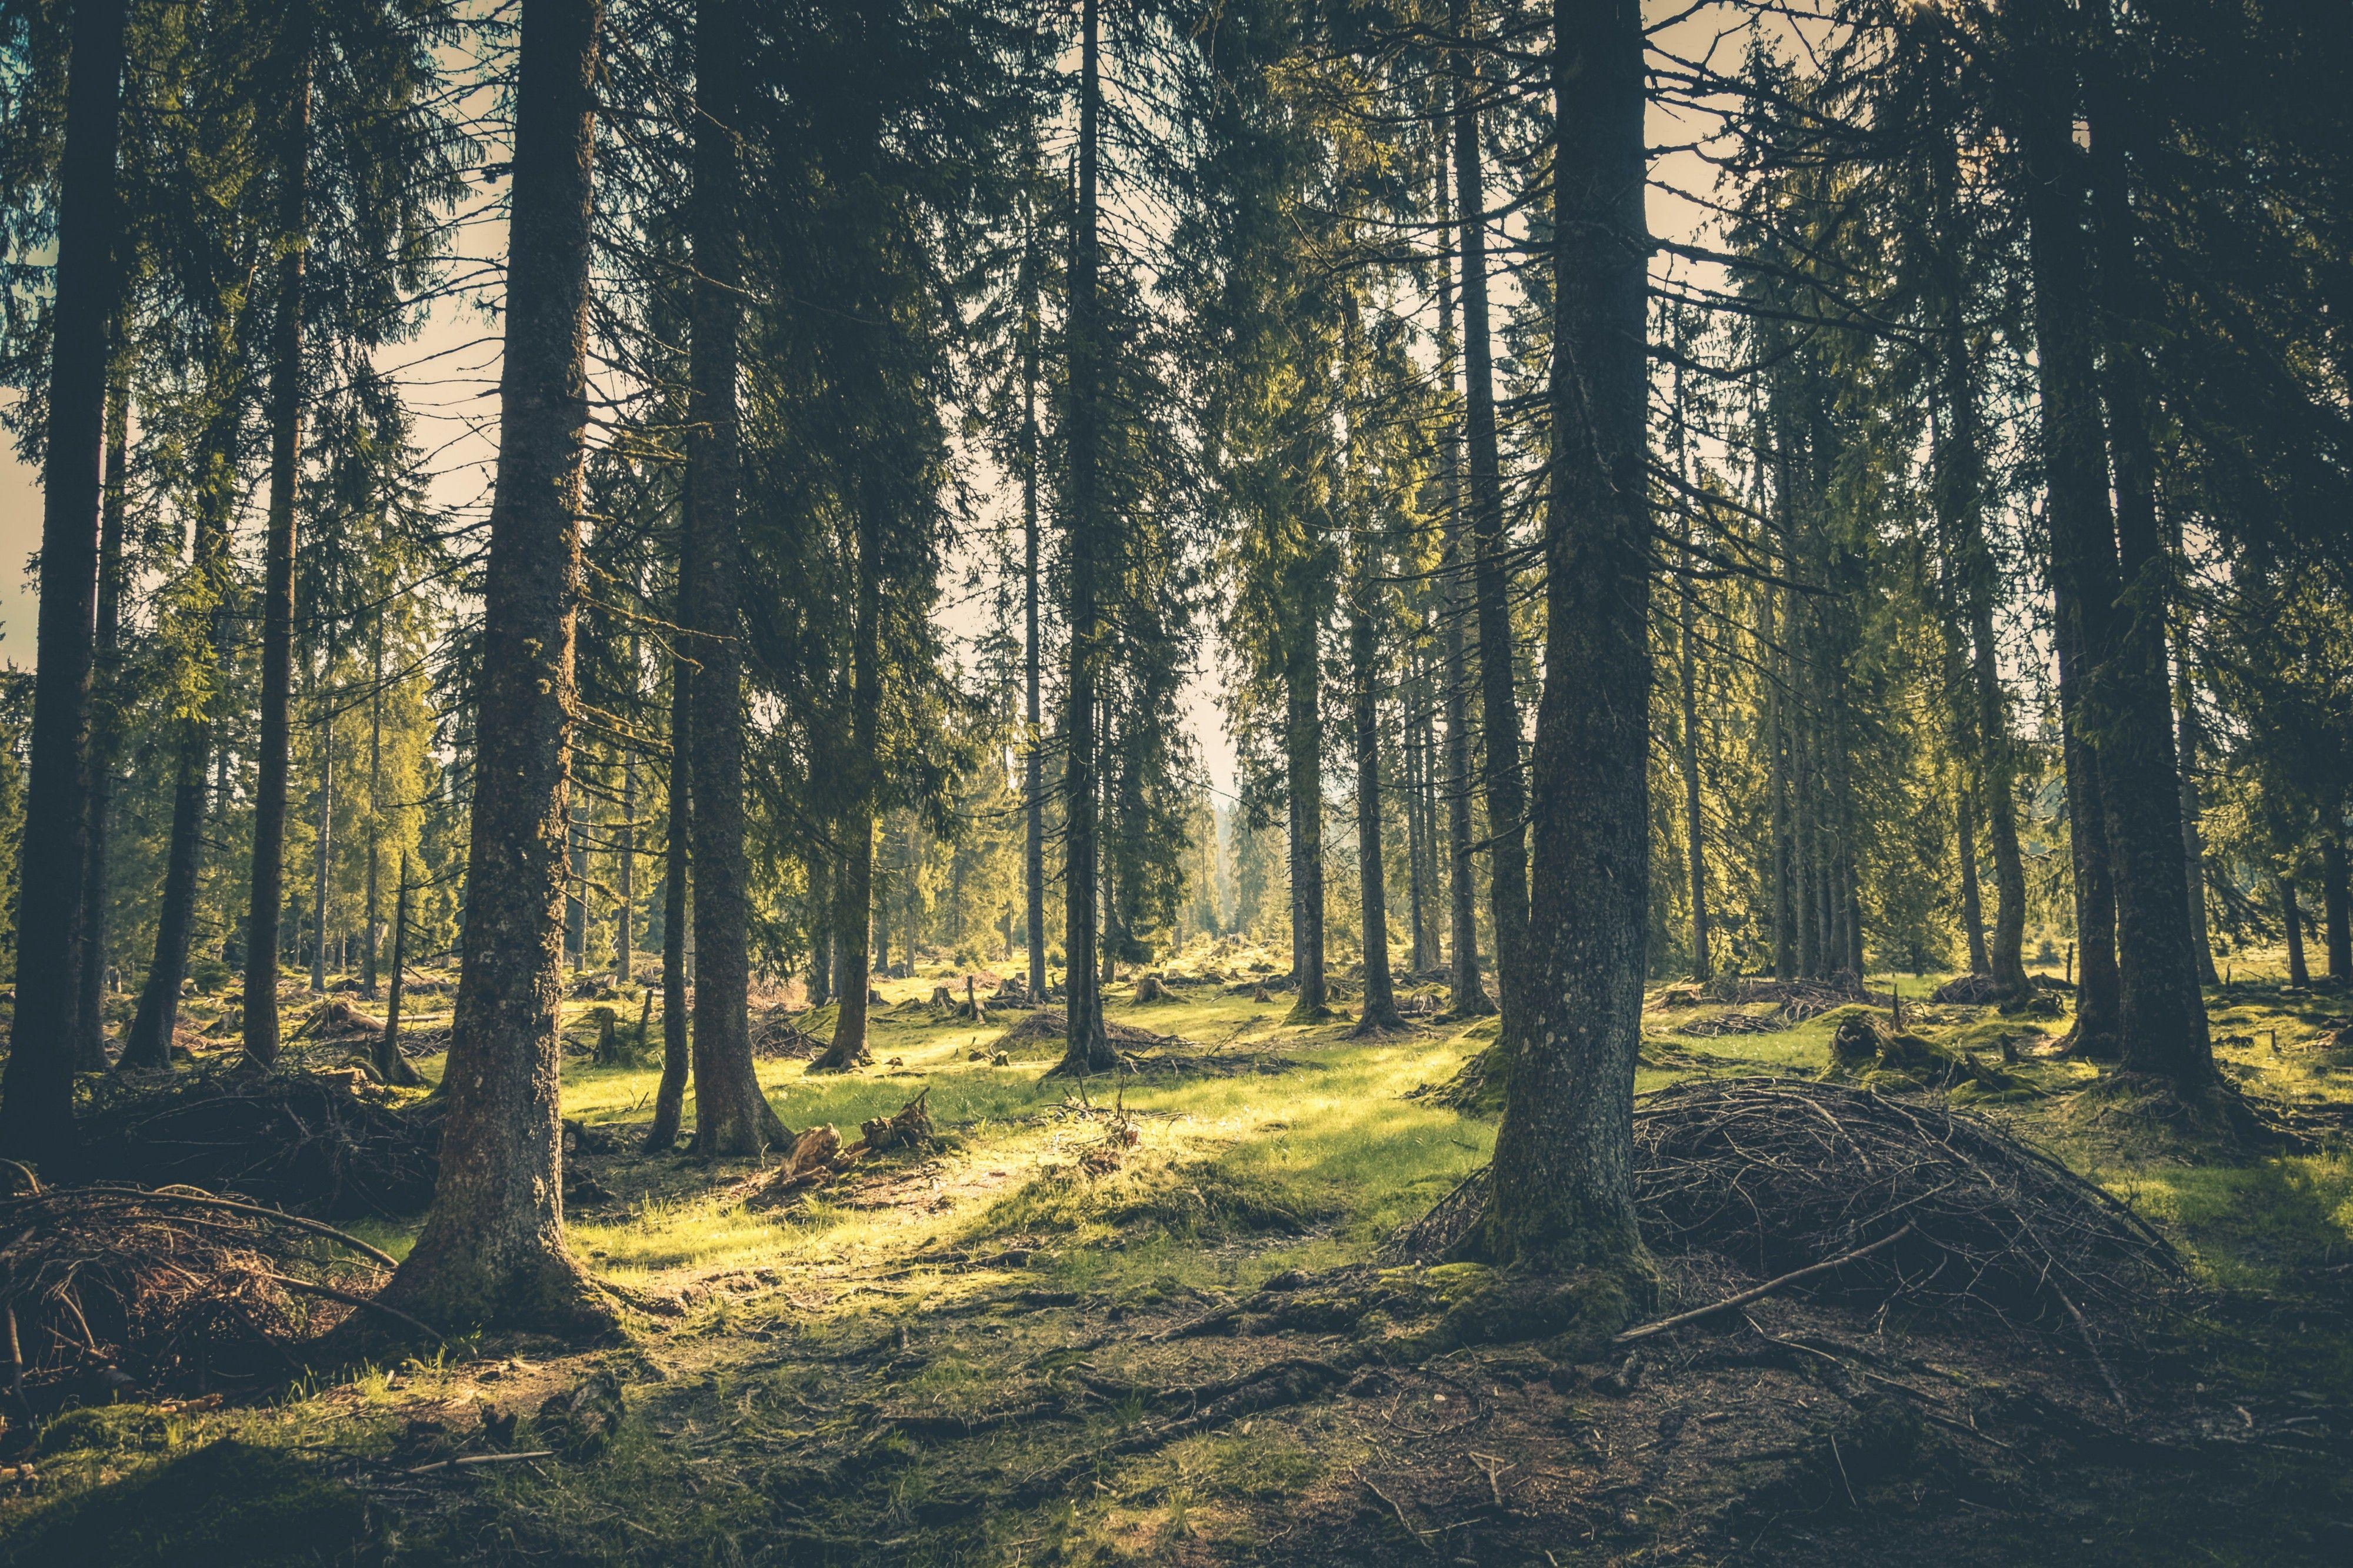 Bilde av skog